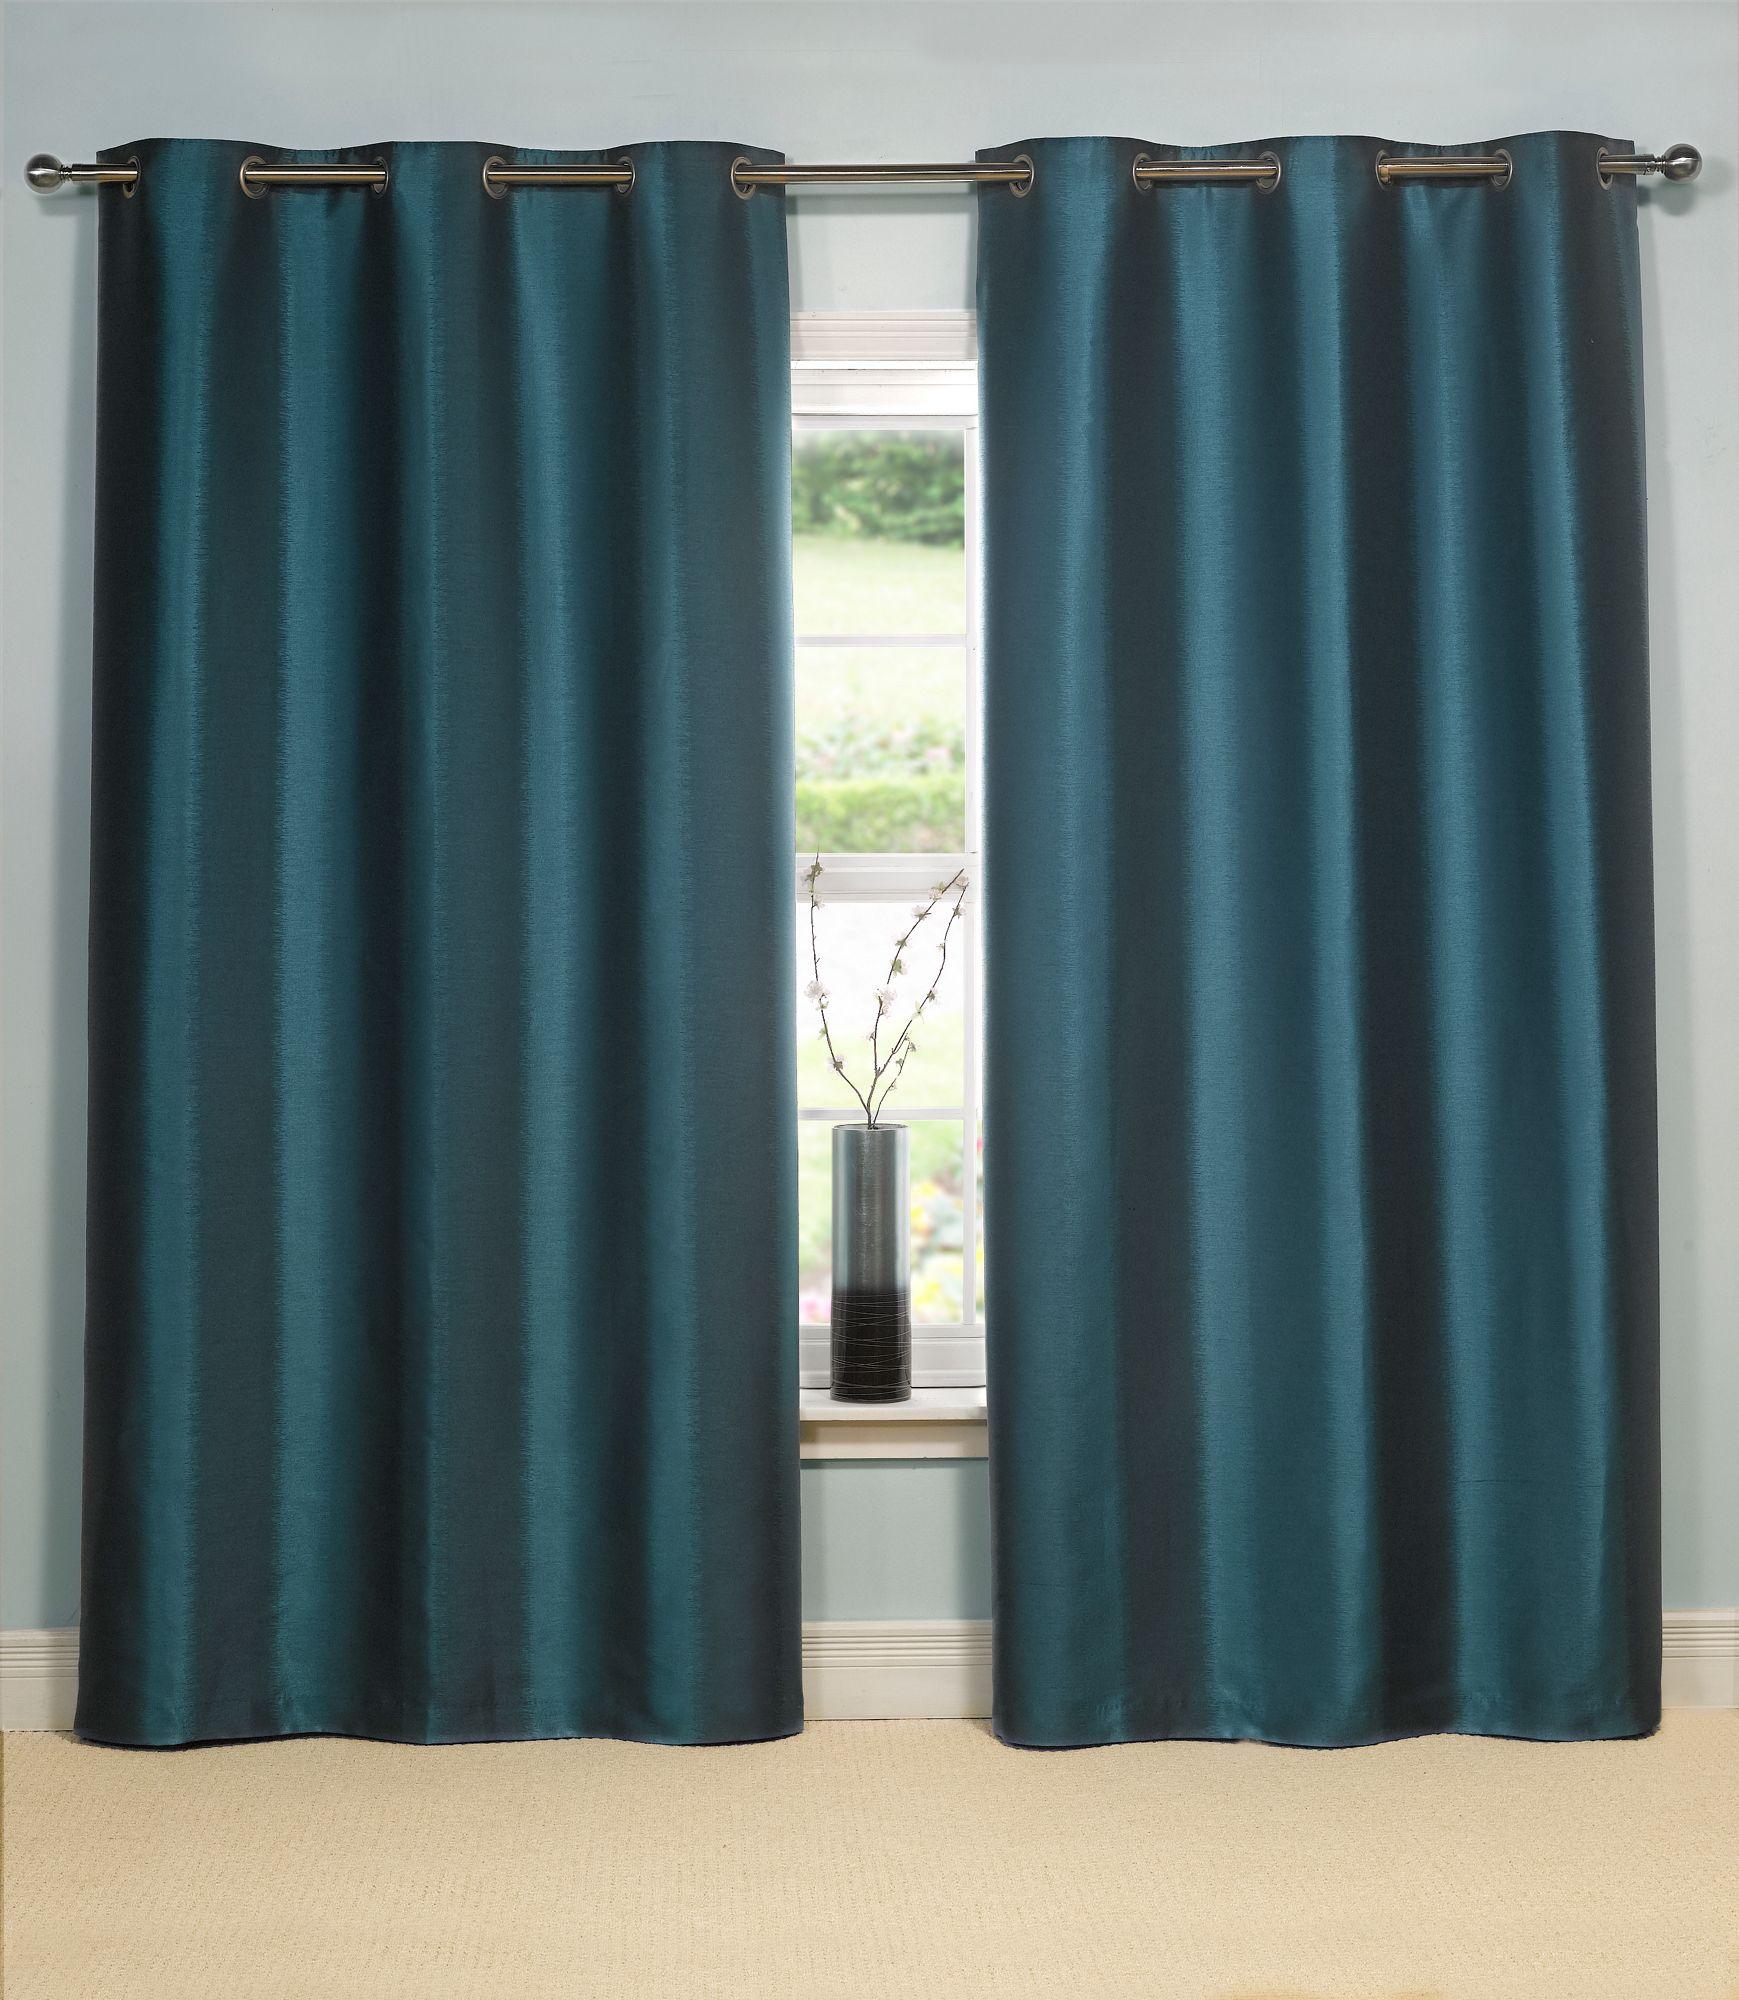 Linea ikat stripe dark teal curtains 164x183cm